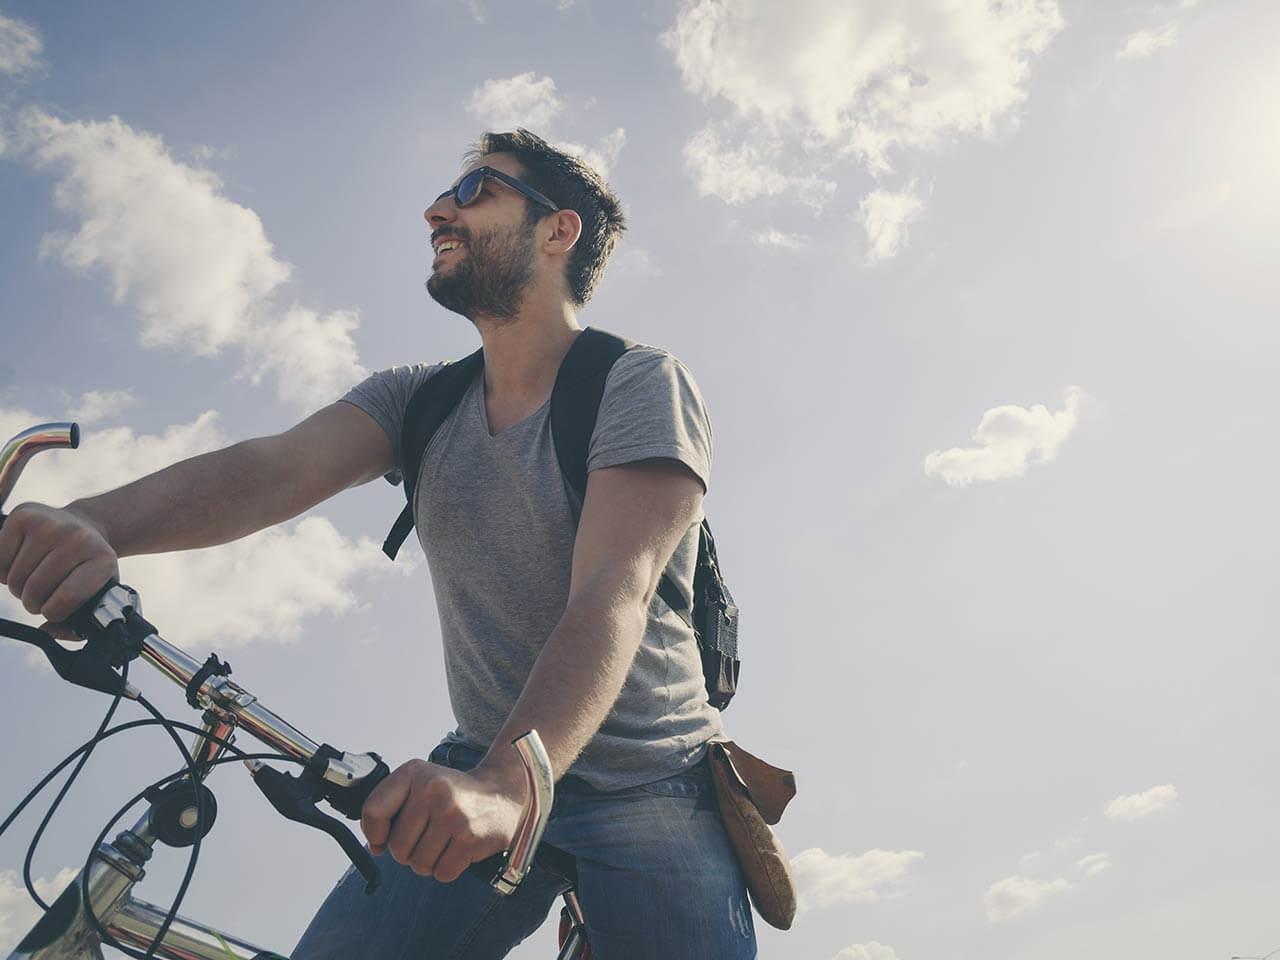 man riding a bike